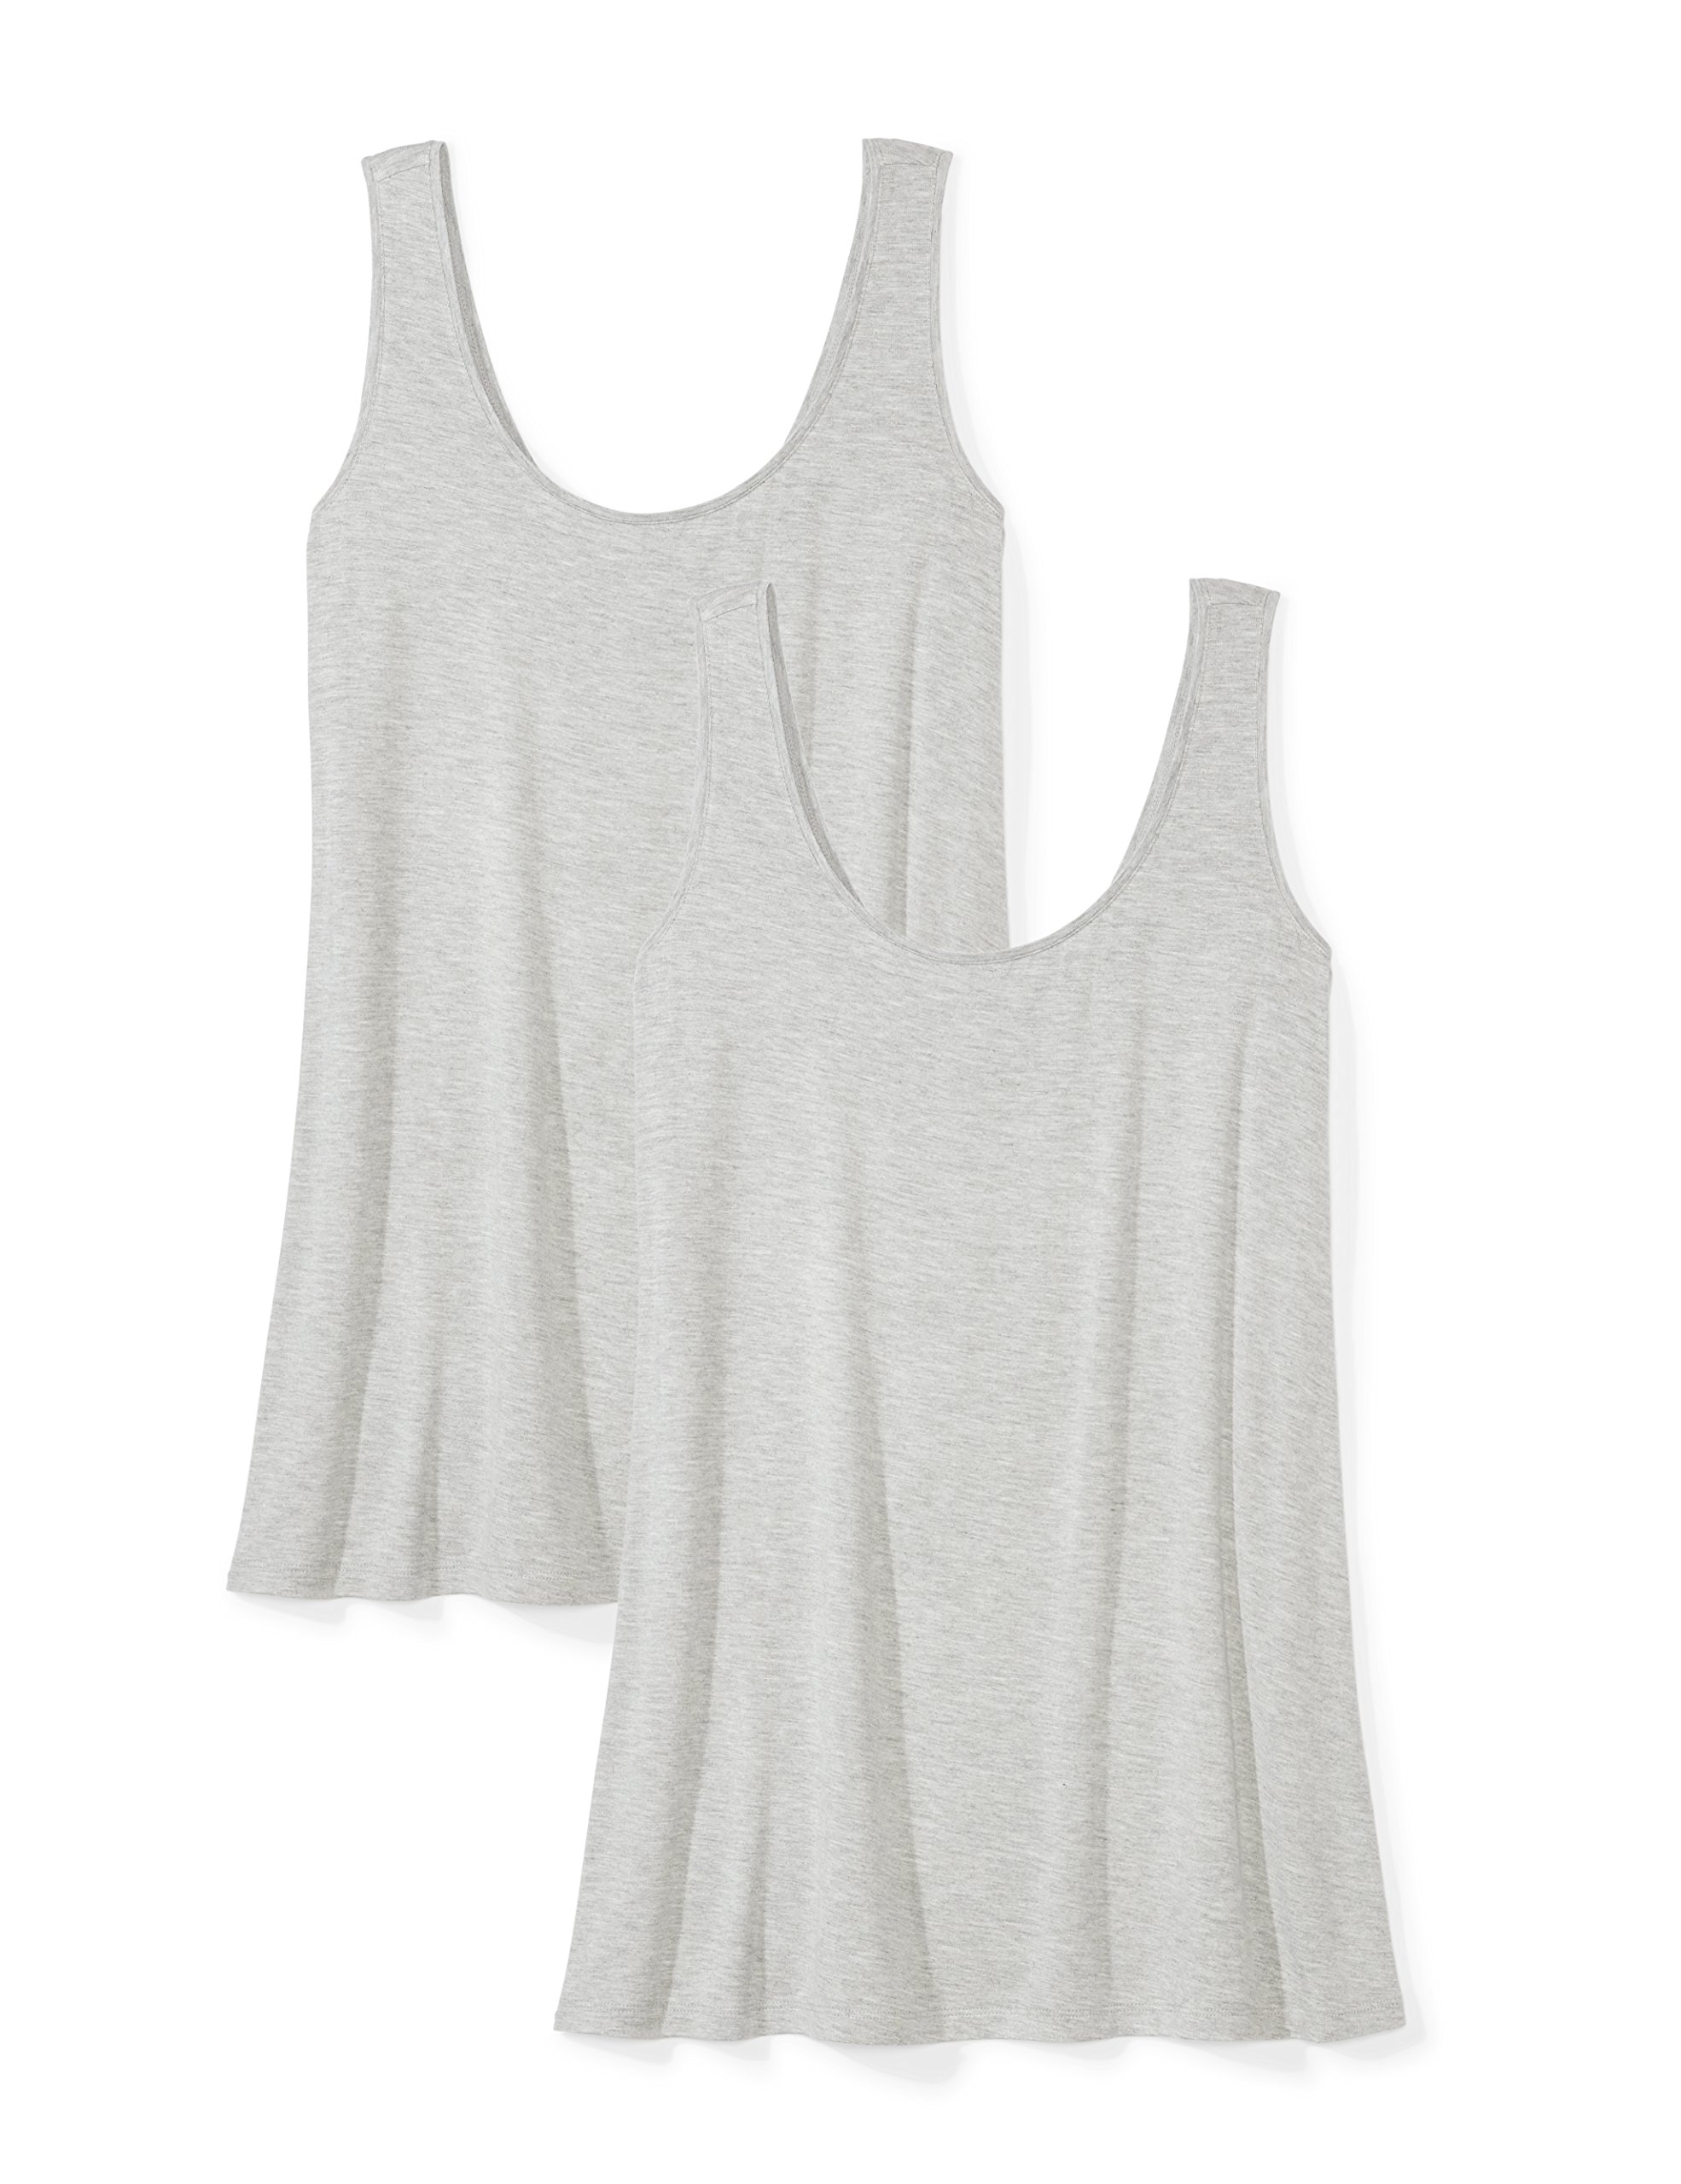 Amazon Brand - Daily Ritual Women's Plus Size Jersey Tank Top